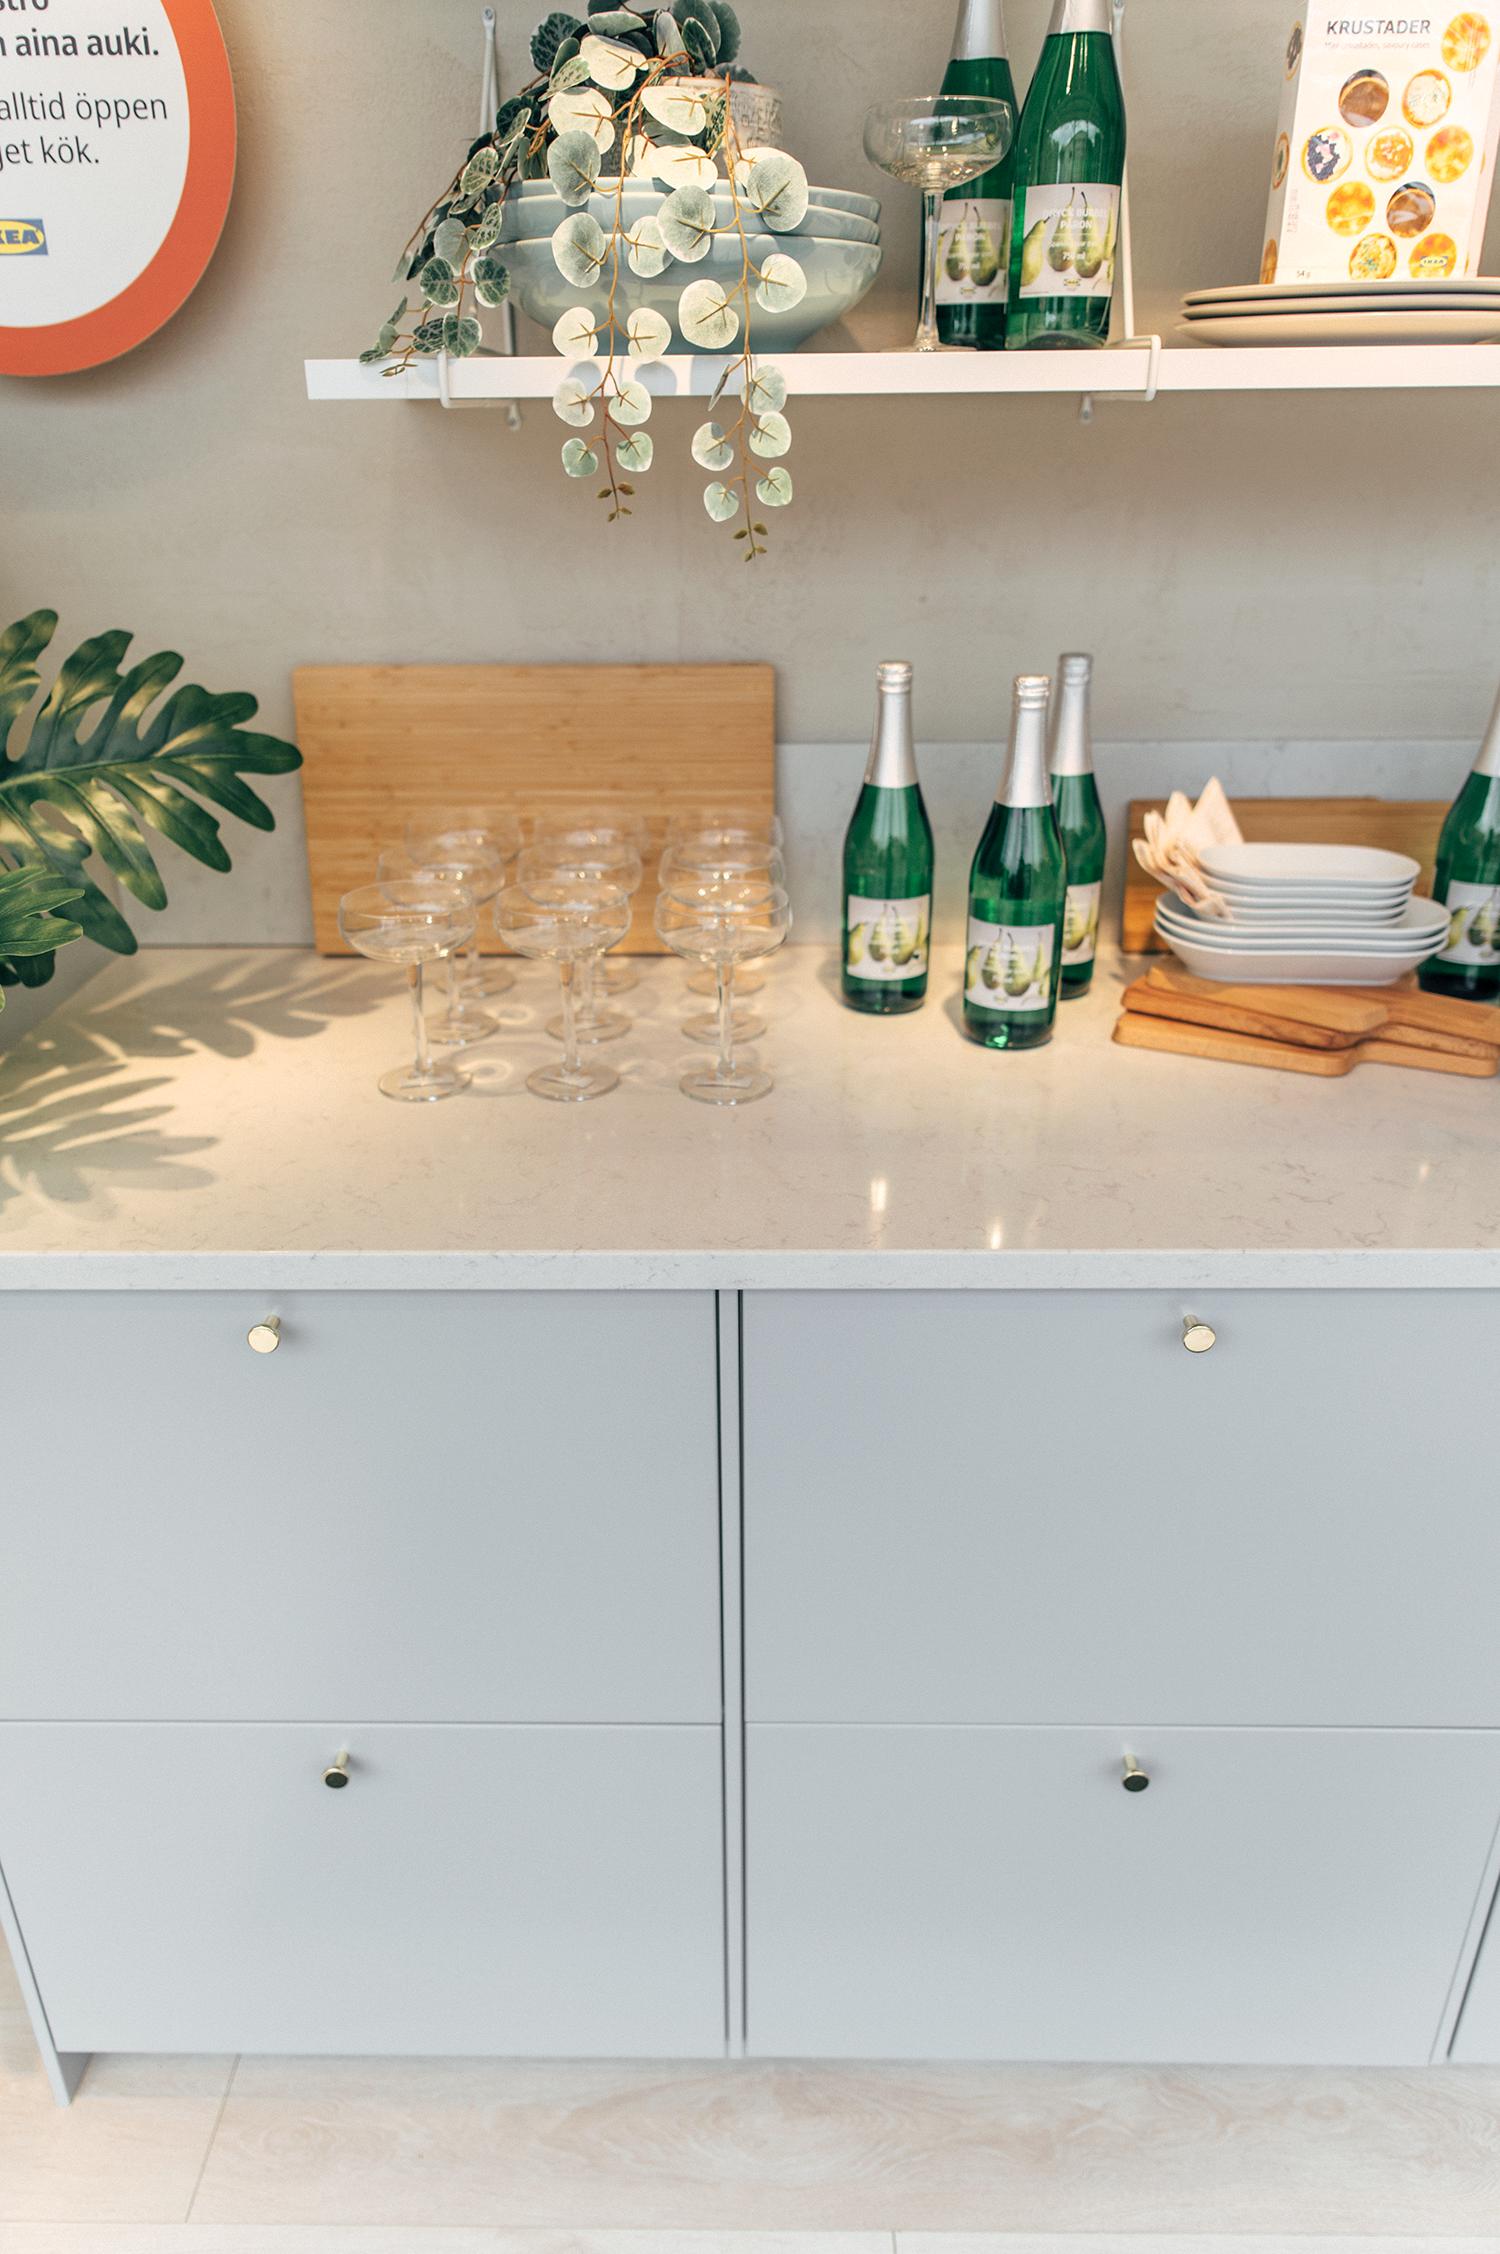 IKEA_Suunnittelustudio4